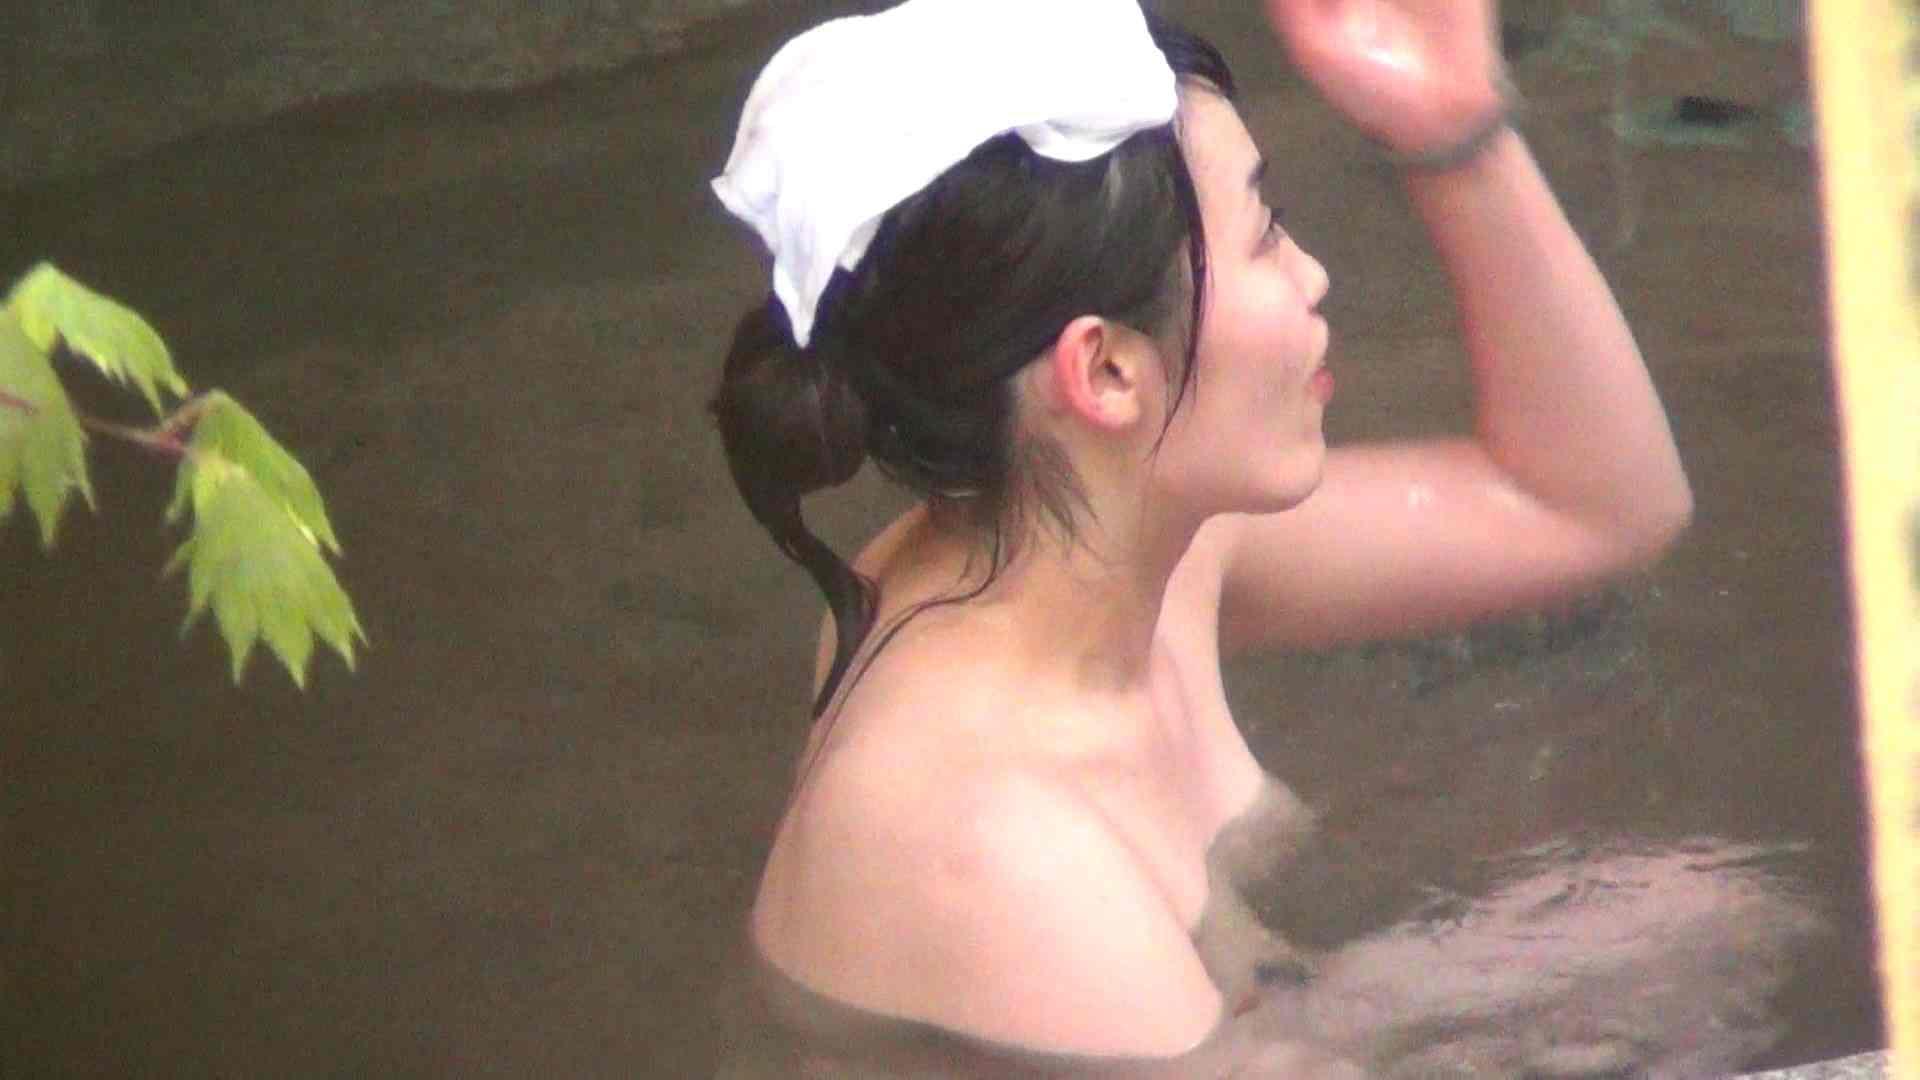 ハイビジョンVol.5 今回の女子会は三人で お尻のアップに注目! 潜伏露天風呂  51pic 6